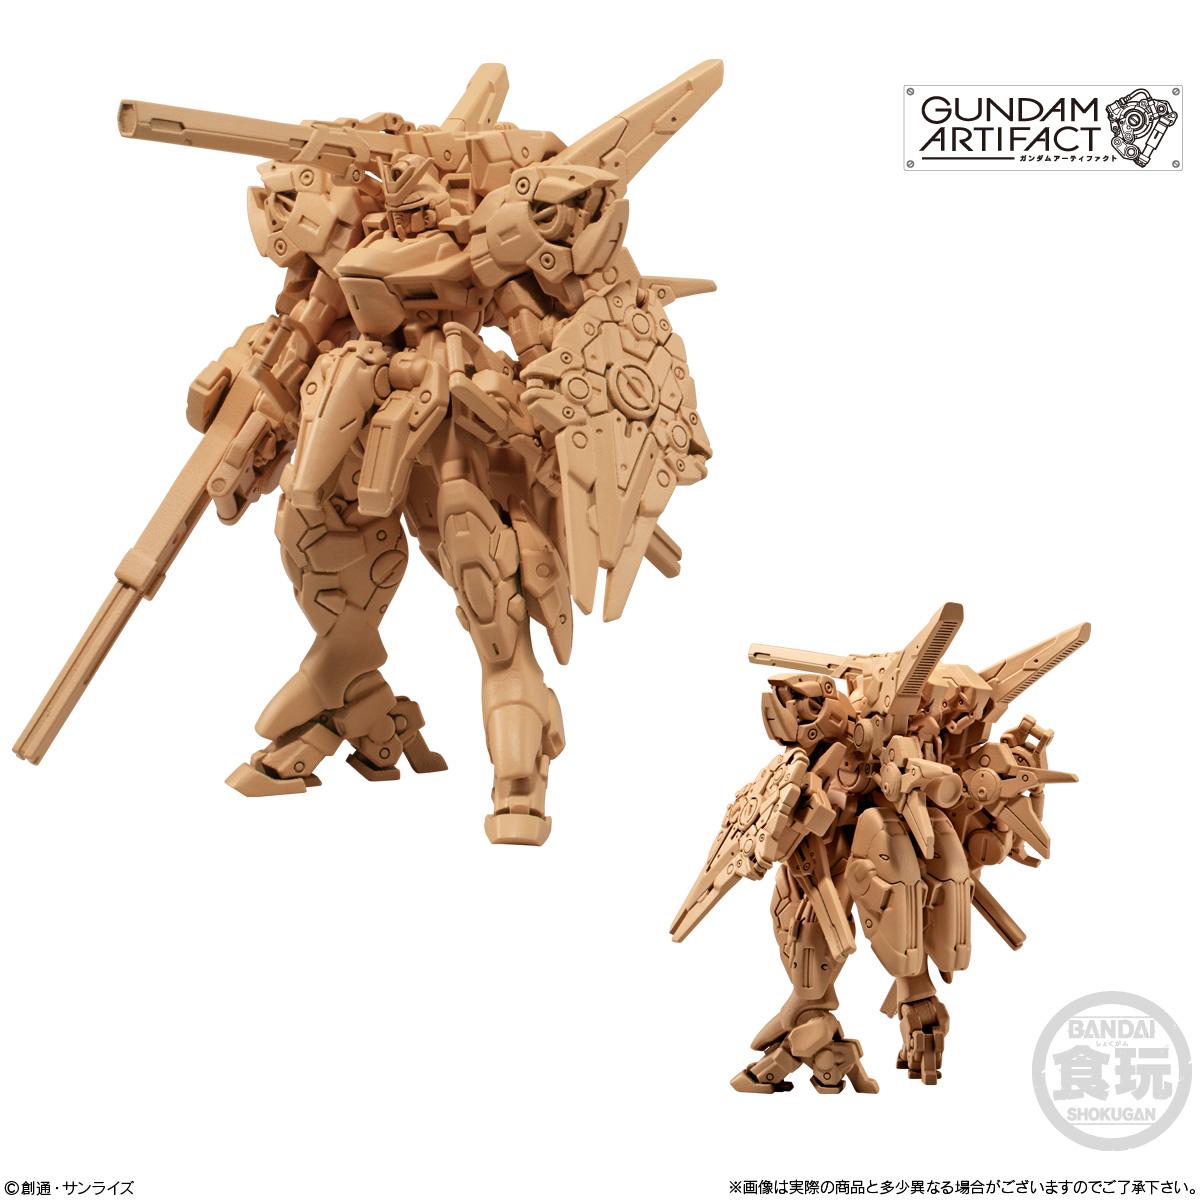 【食玩】機動戦士ガンダム『ガンダムアーティファクト 第2弾』プラ製ミニキット 10個入りBOX-006